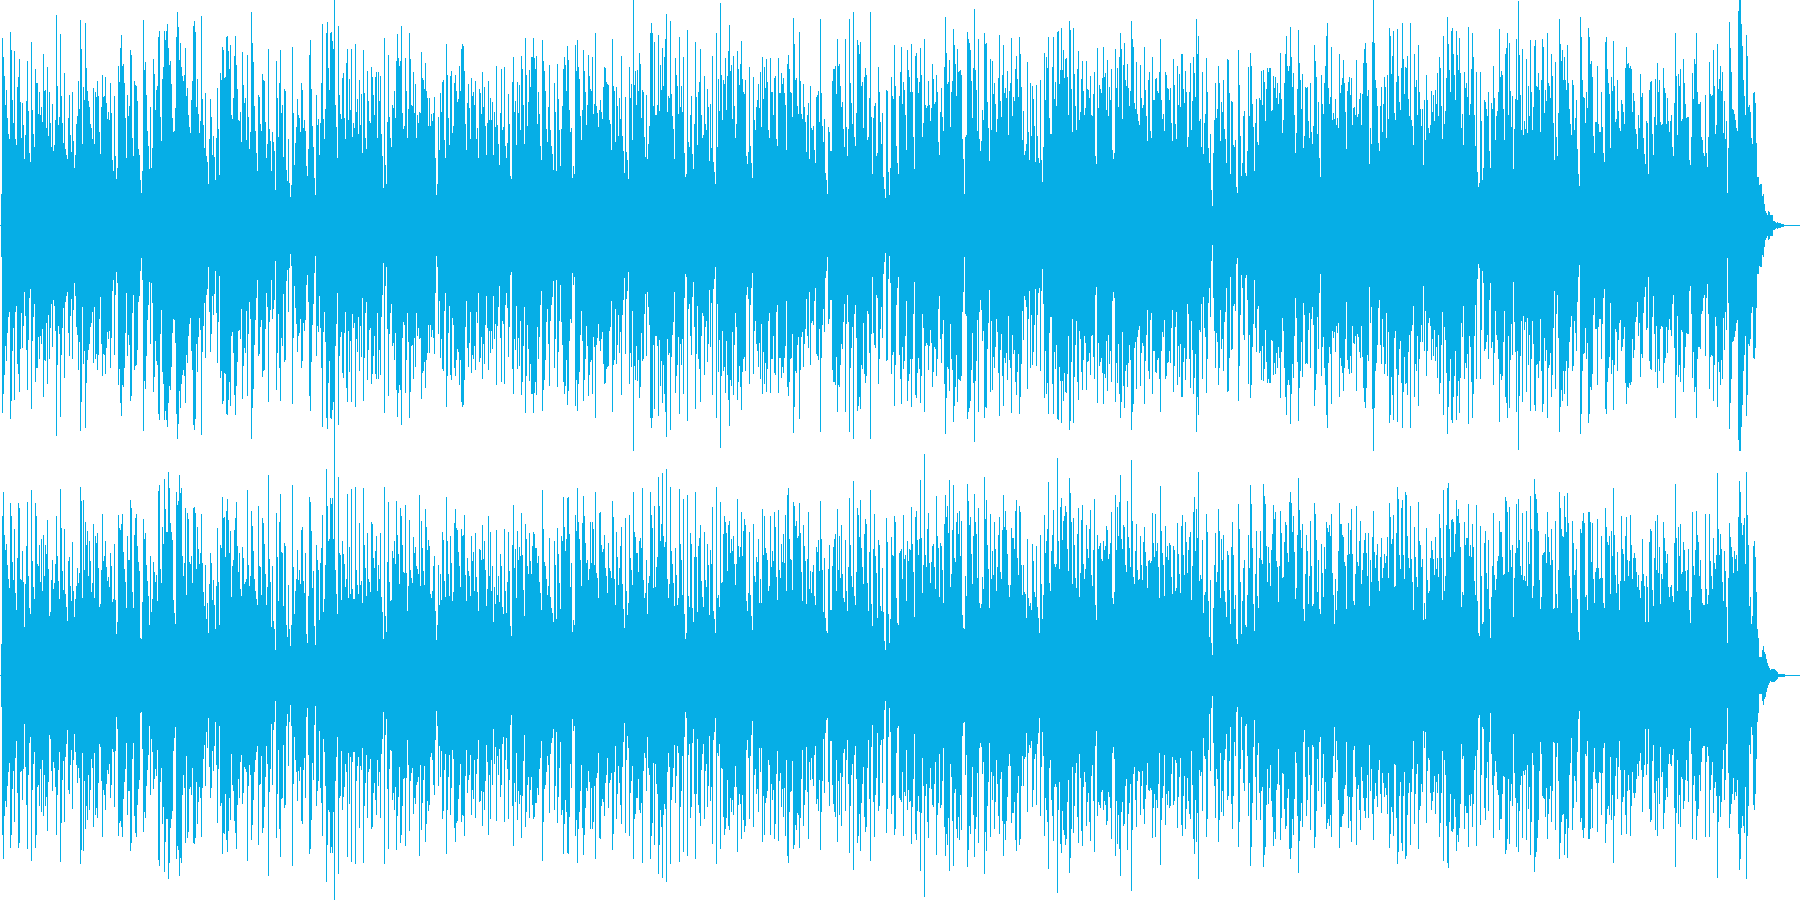 イルミネーションの光景、クールジャズの再生済みの波形